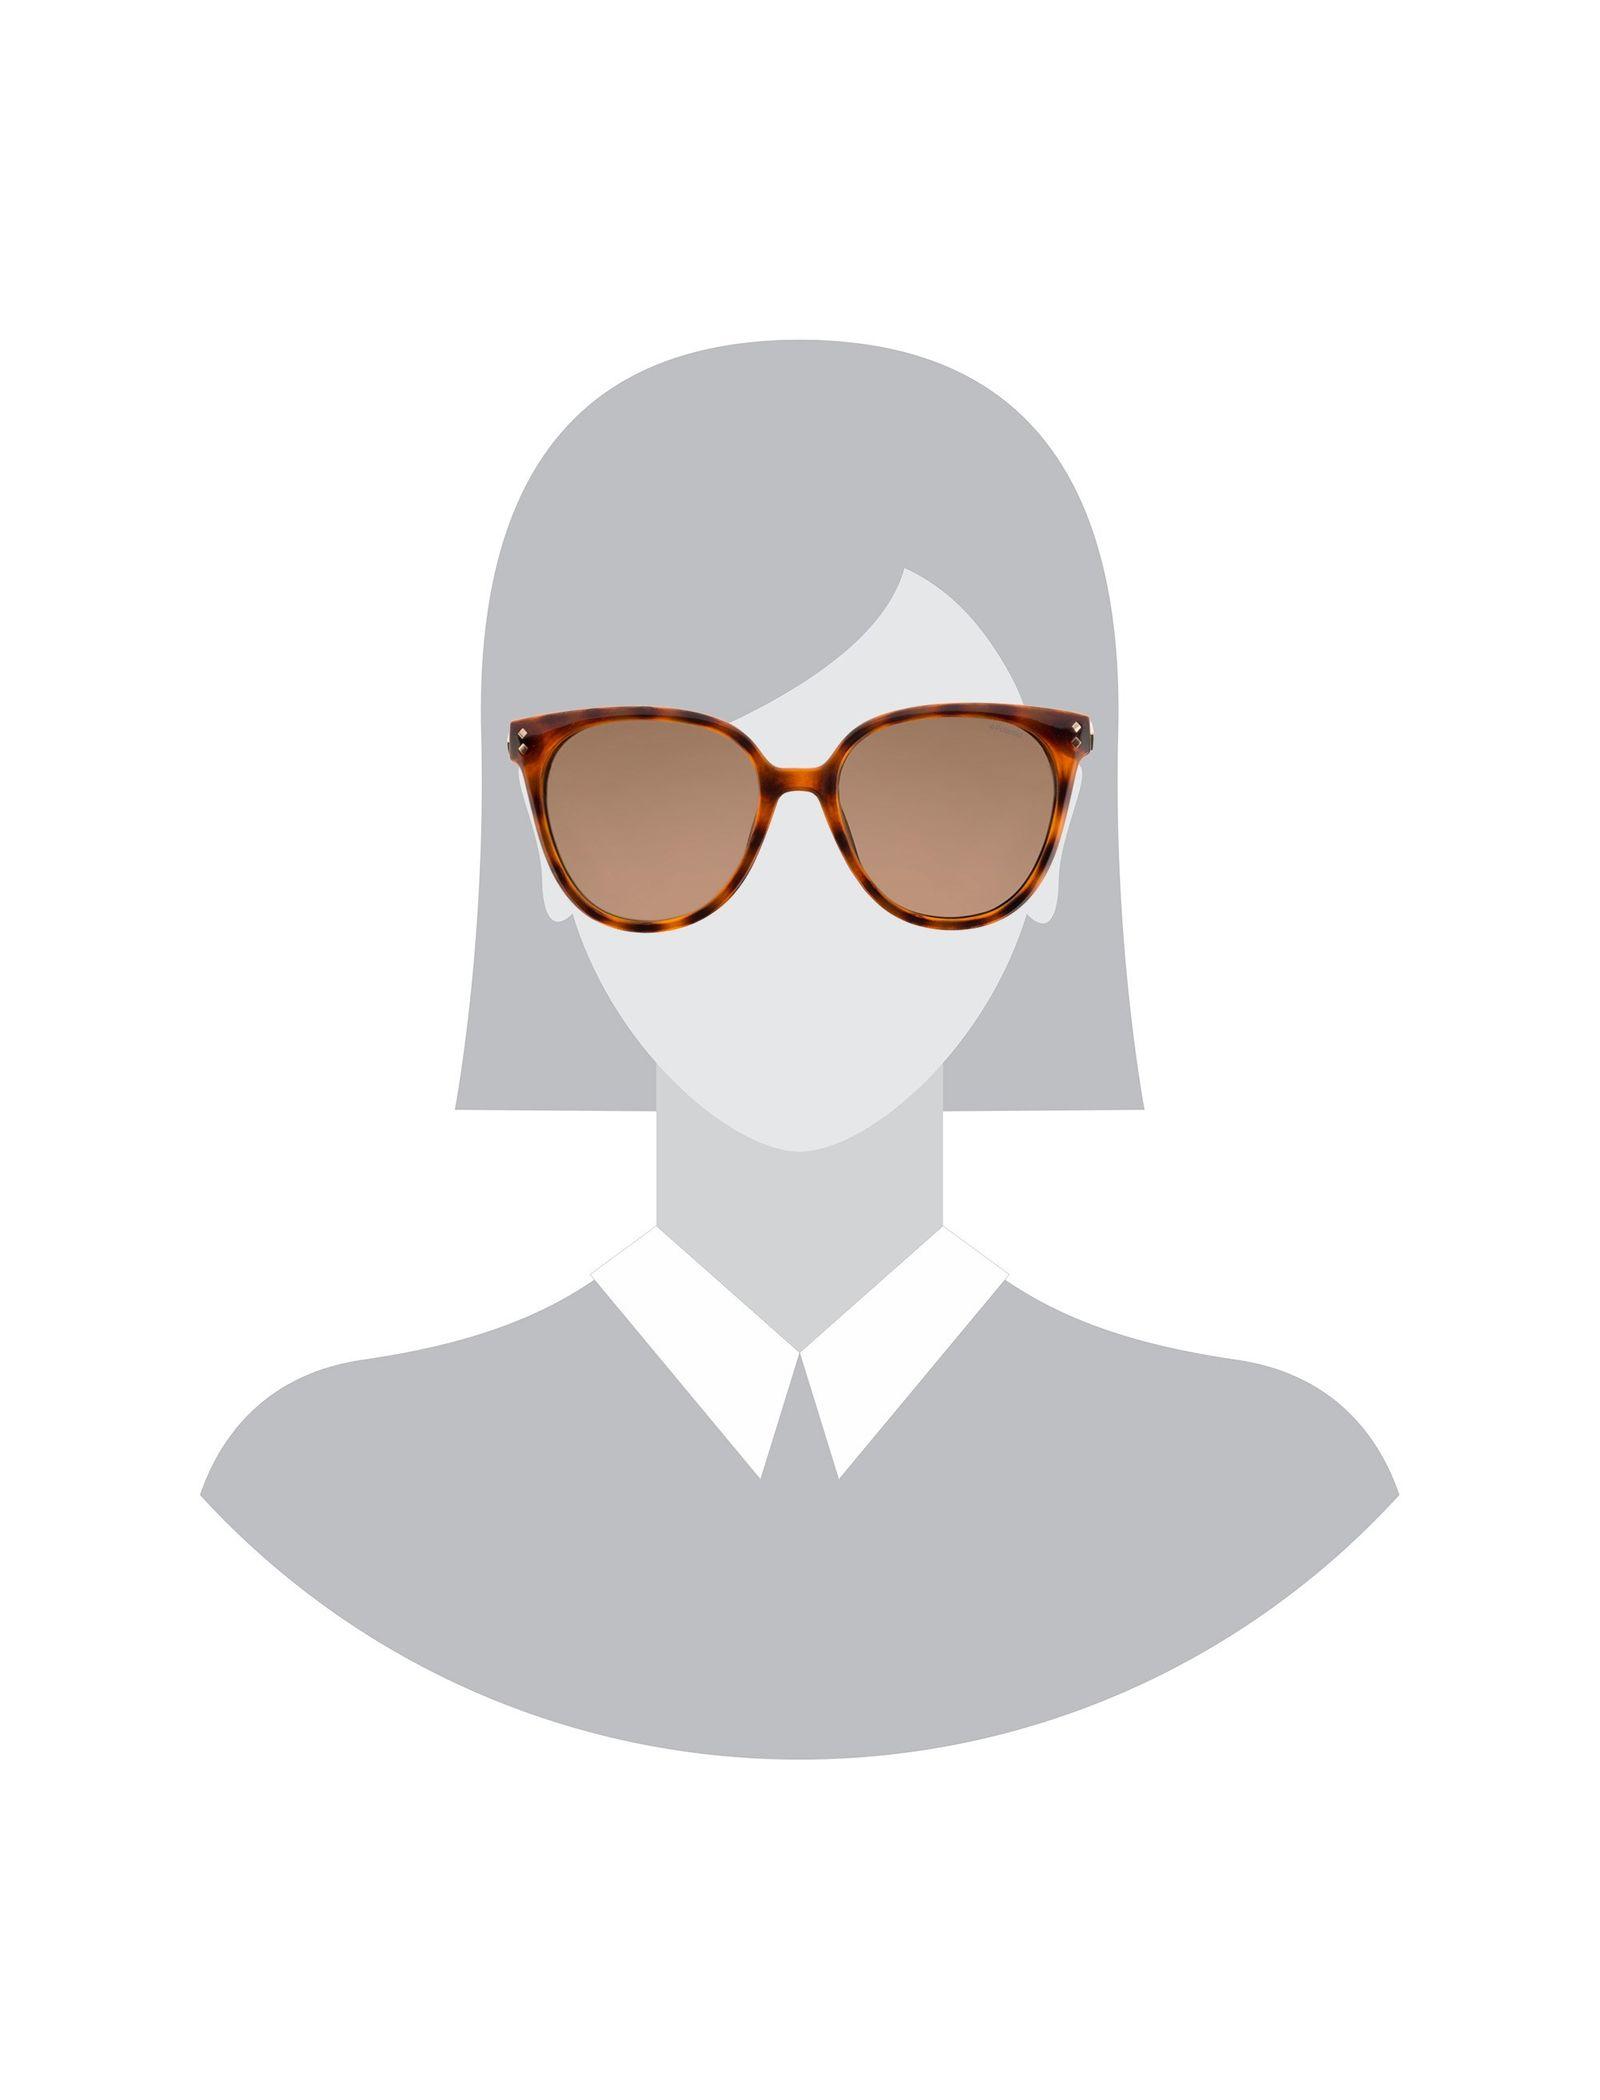 عینک آفتابی گربه ای زنانه - پولاروید - قهوه اي لاک پشتي - 5